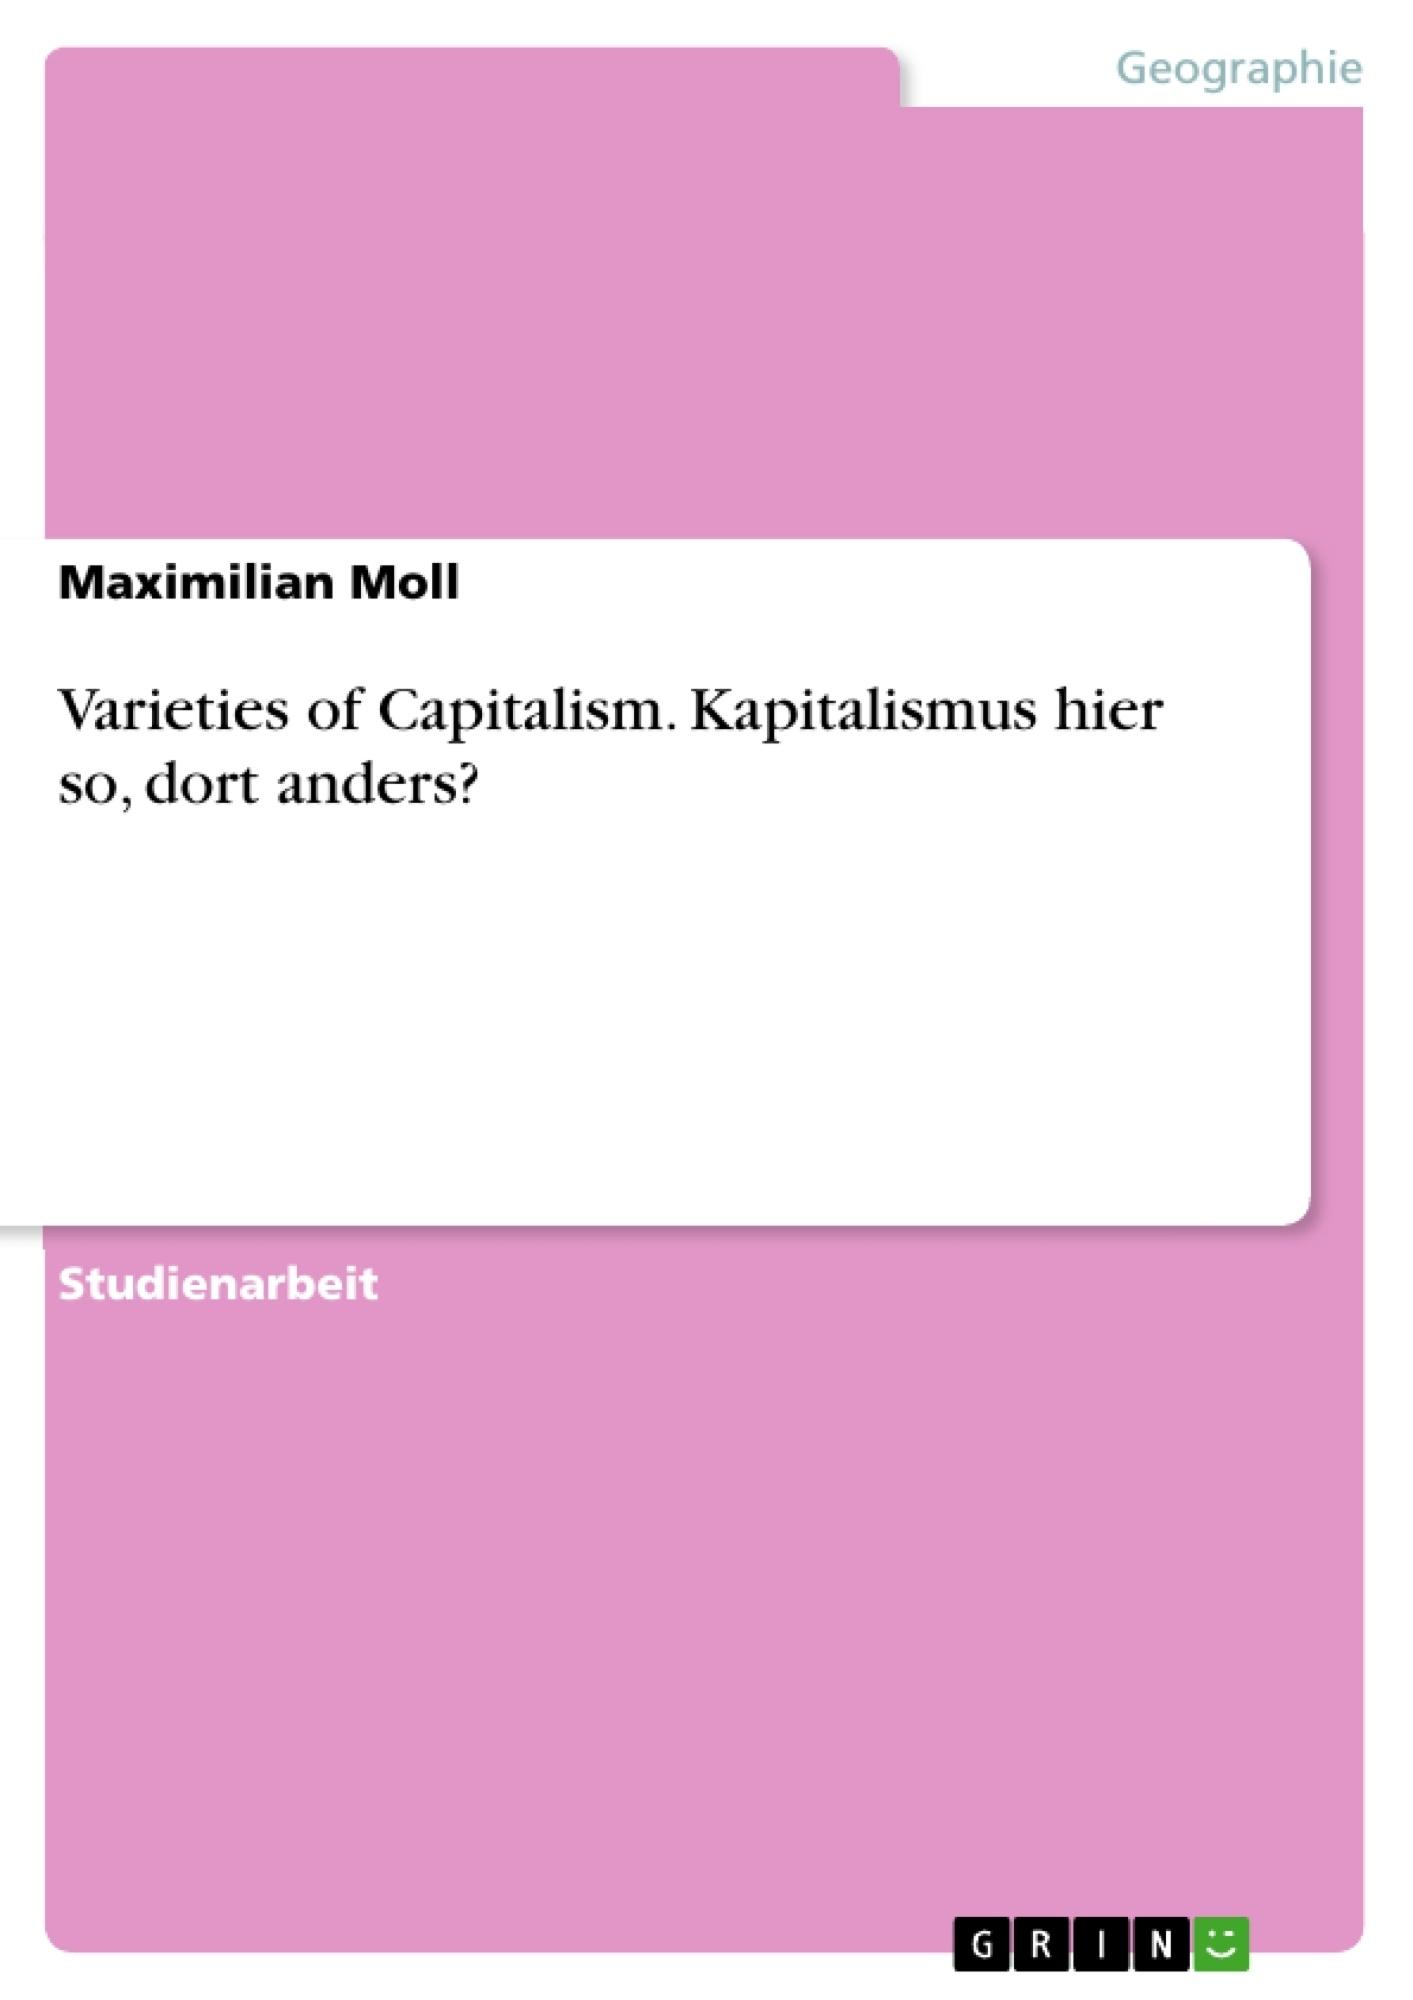 Titel: Varieties of Capitalism. Kapitalismus hier so, dort anders?